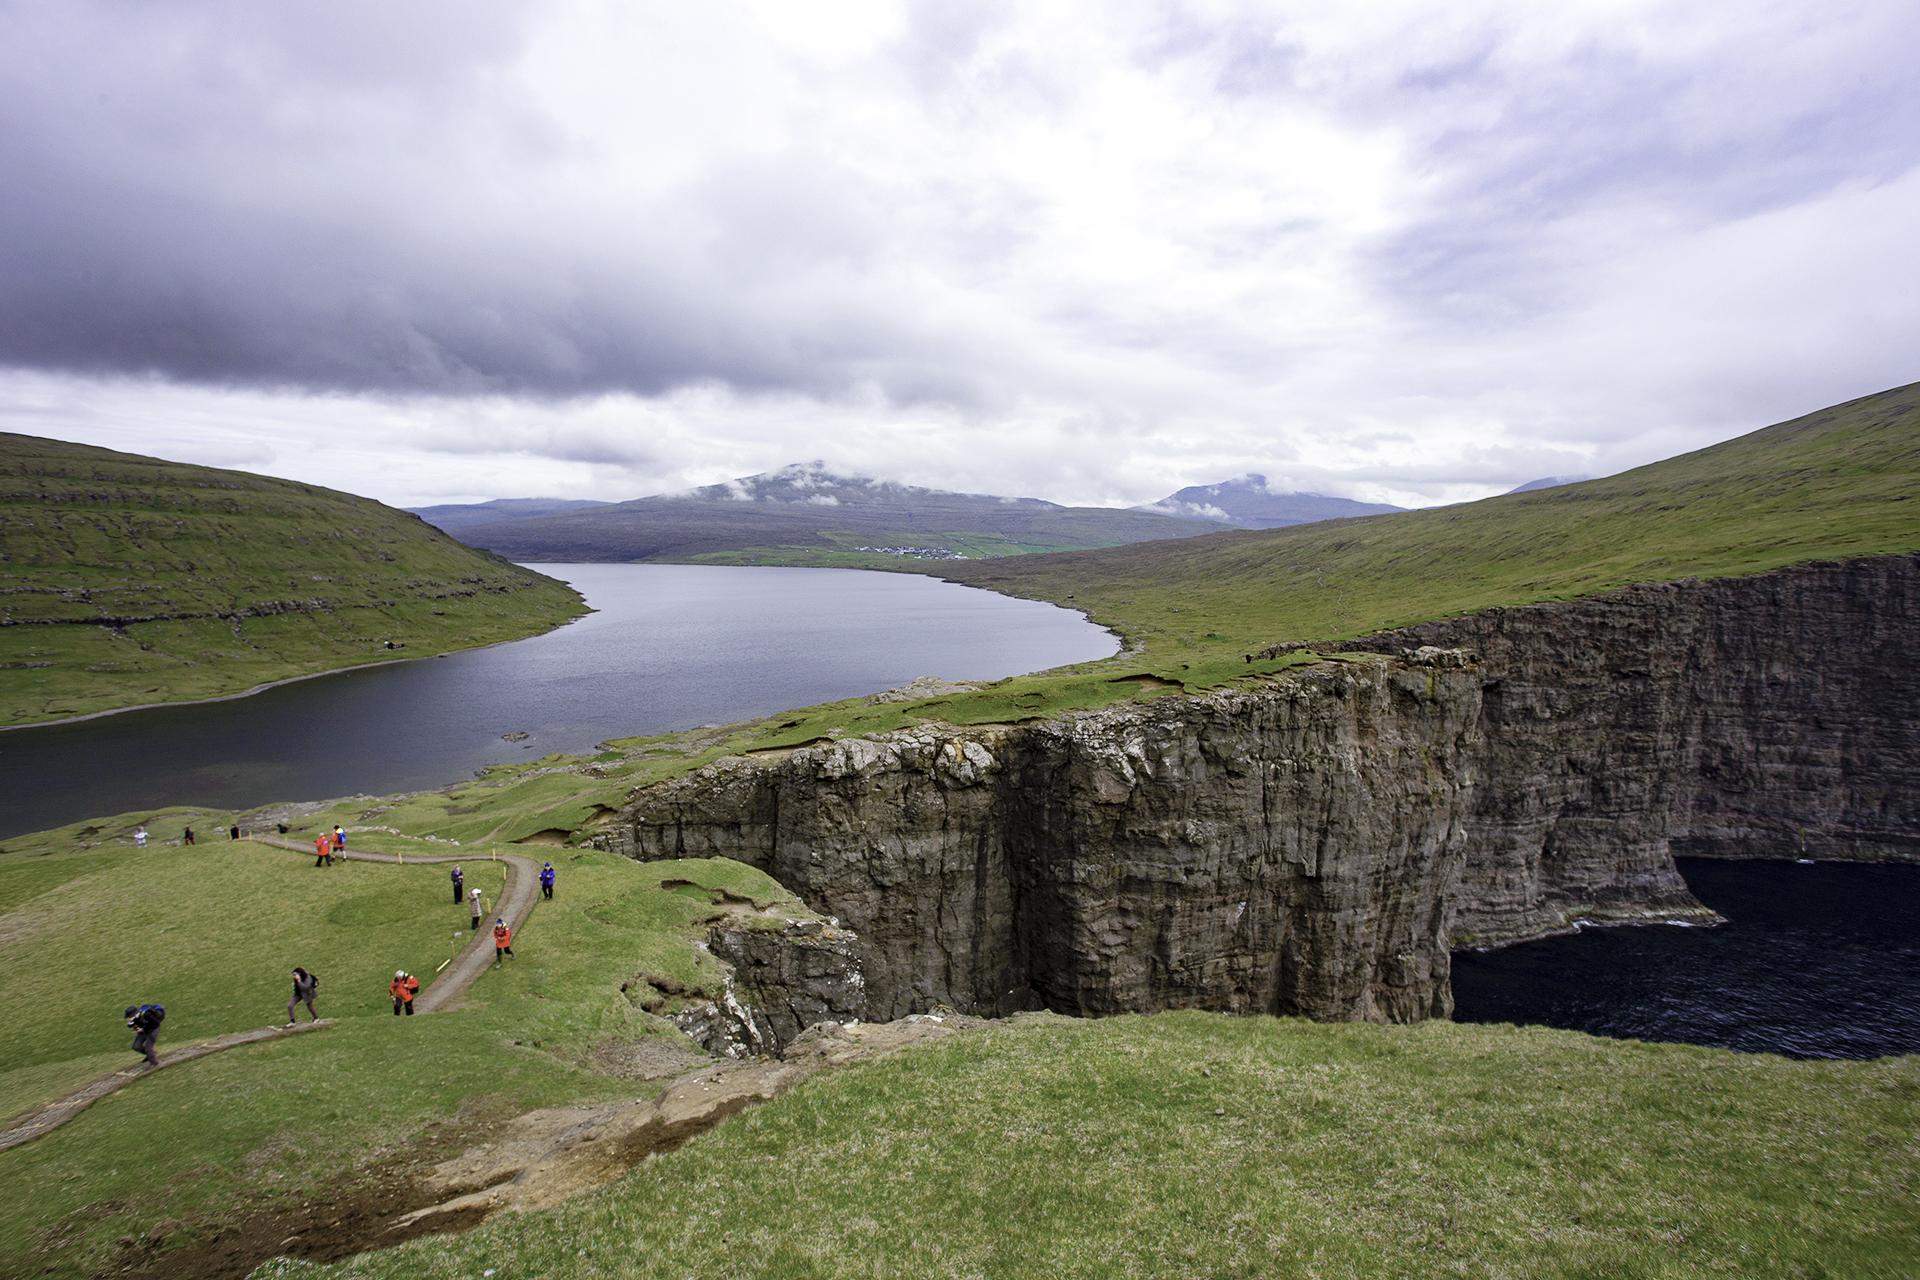 Hanging lake in the Faroe Islands